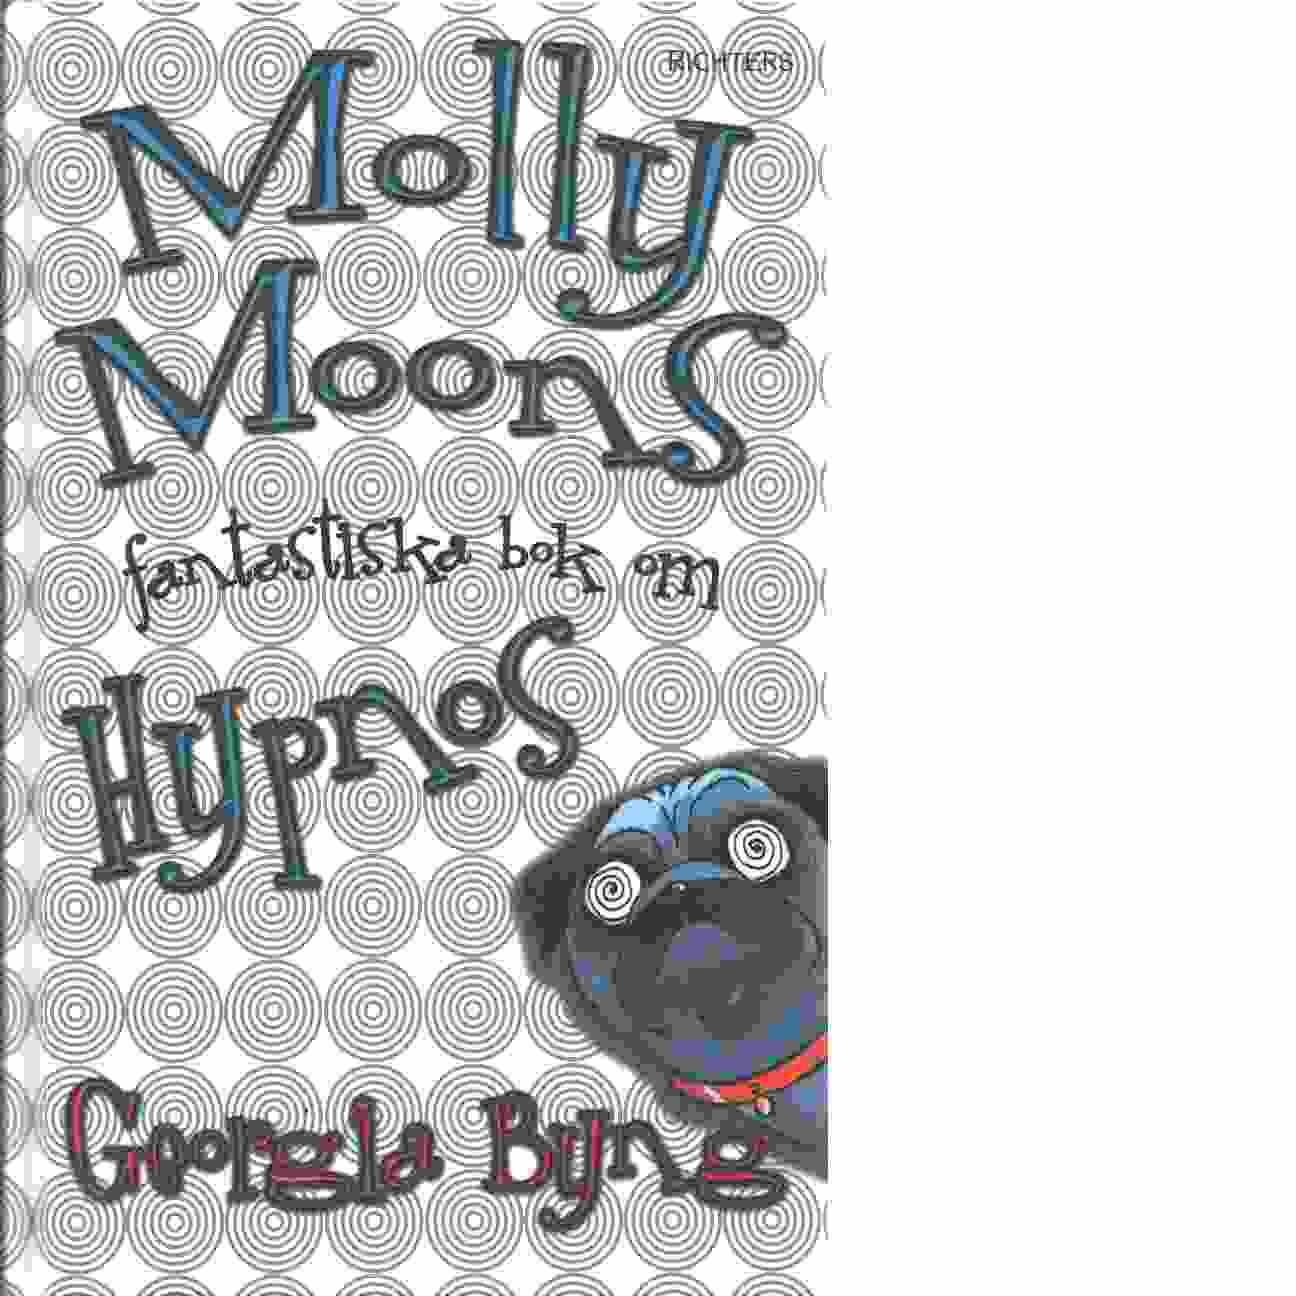 Molly Moons fantastiska bok om hypnos - Byng, Georgia